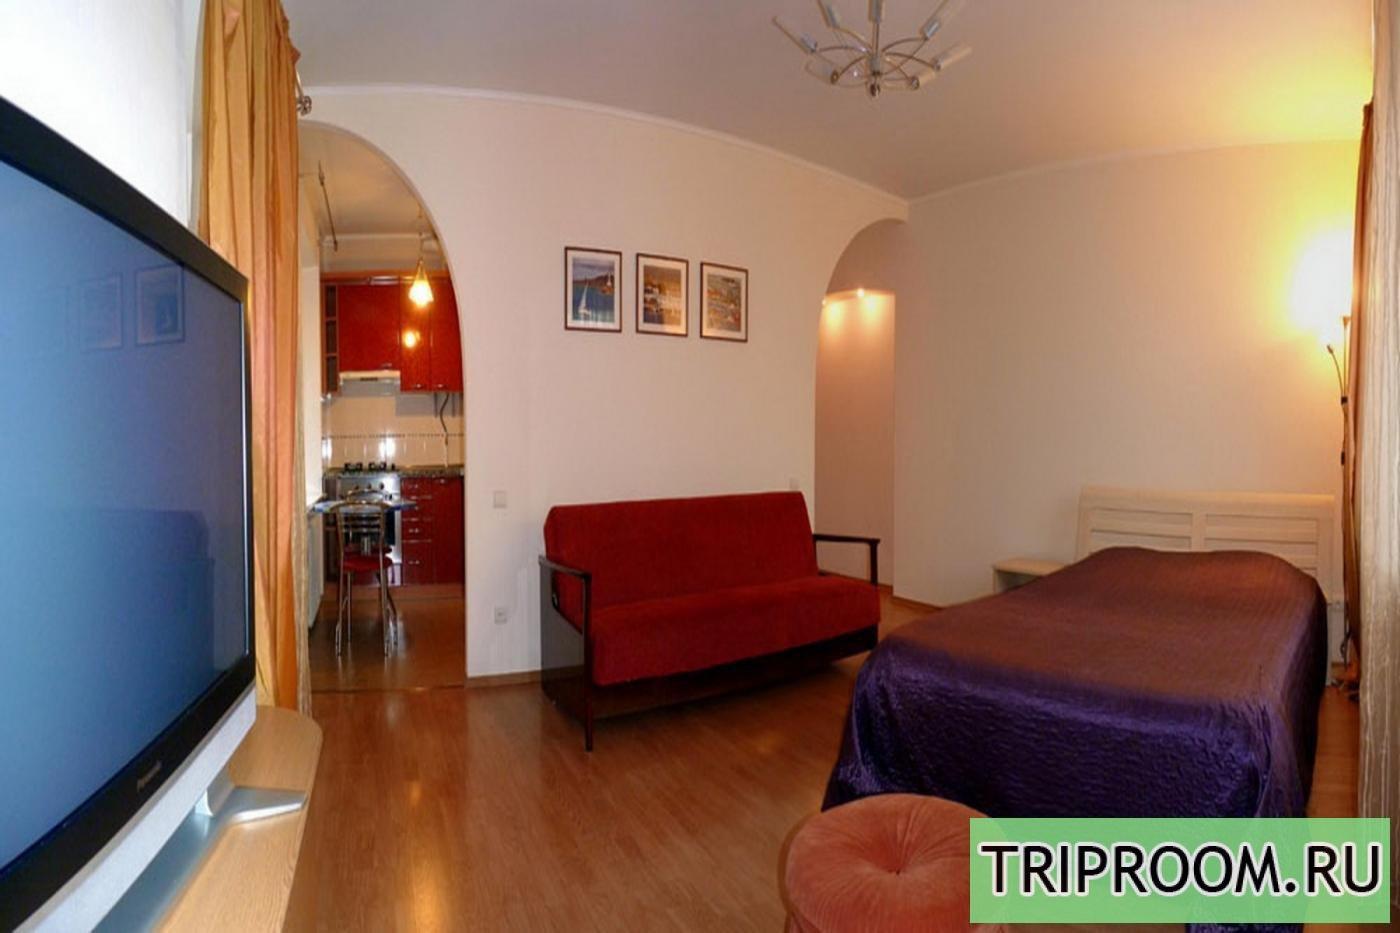 1-комнатная квартира посуточно (вариант № 1850), ул. Советская улица, фото № 1